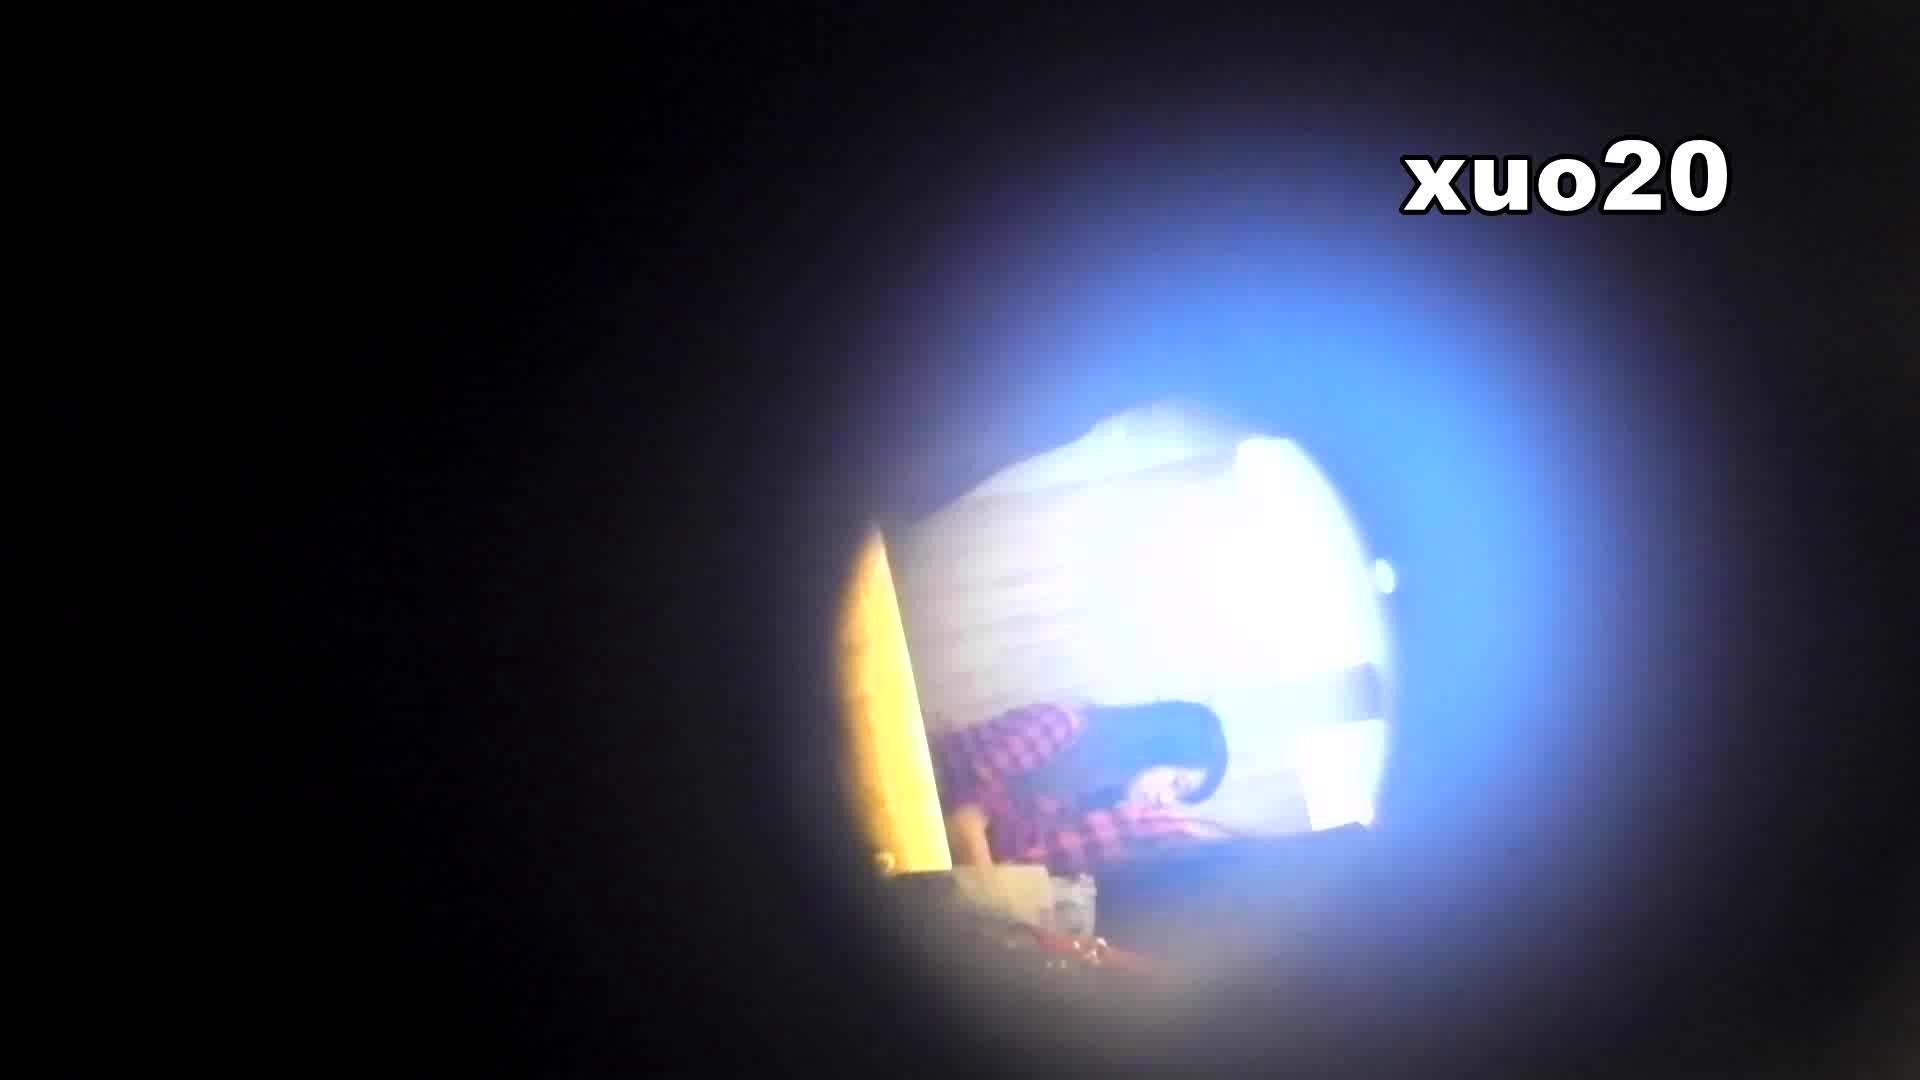 トイレ盗撮|阿国ちゃんの「和式洋式七変化」No.20 ジョーカーチックな方&指を沿わせる方|怪盗ジョーカー